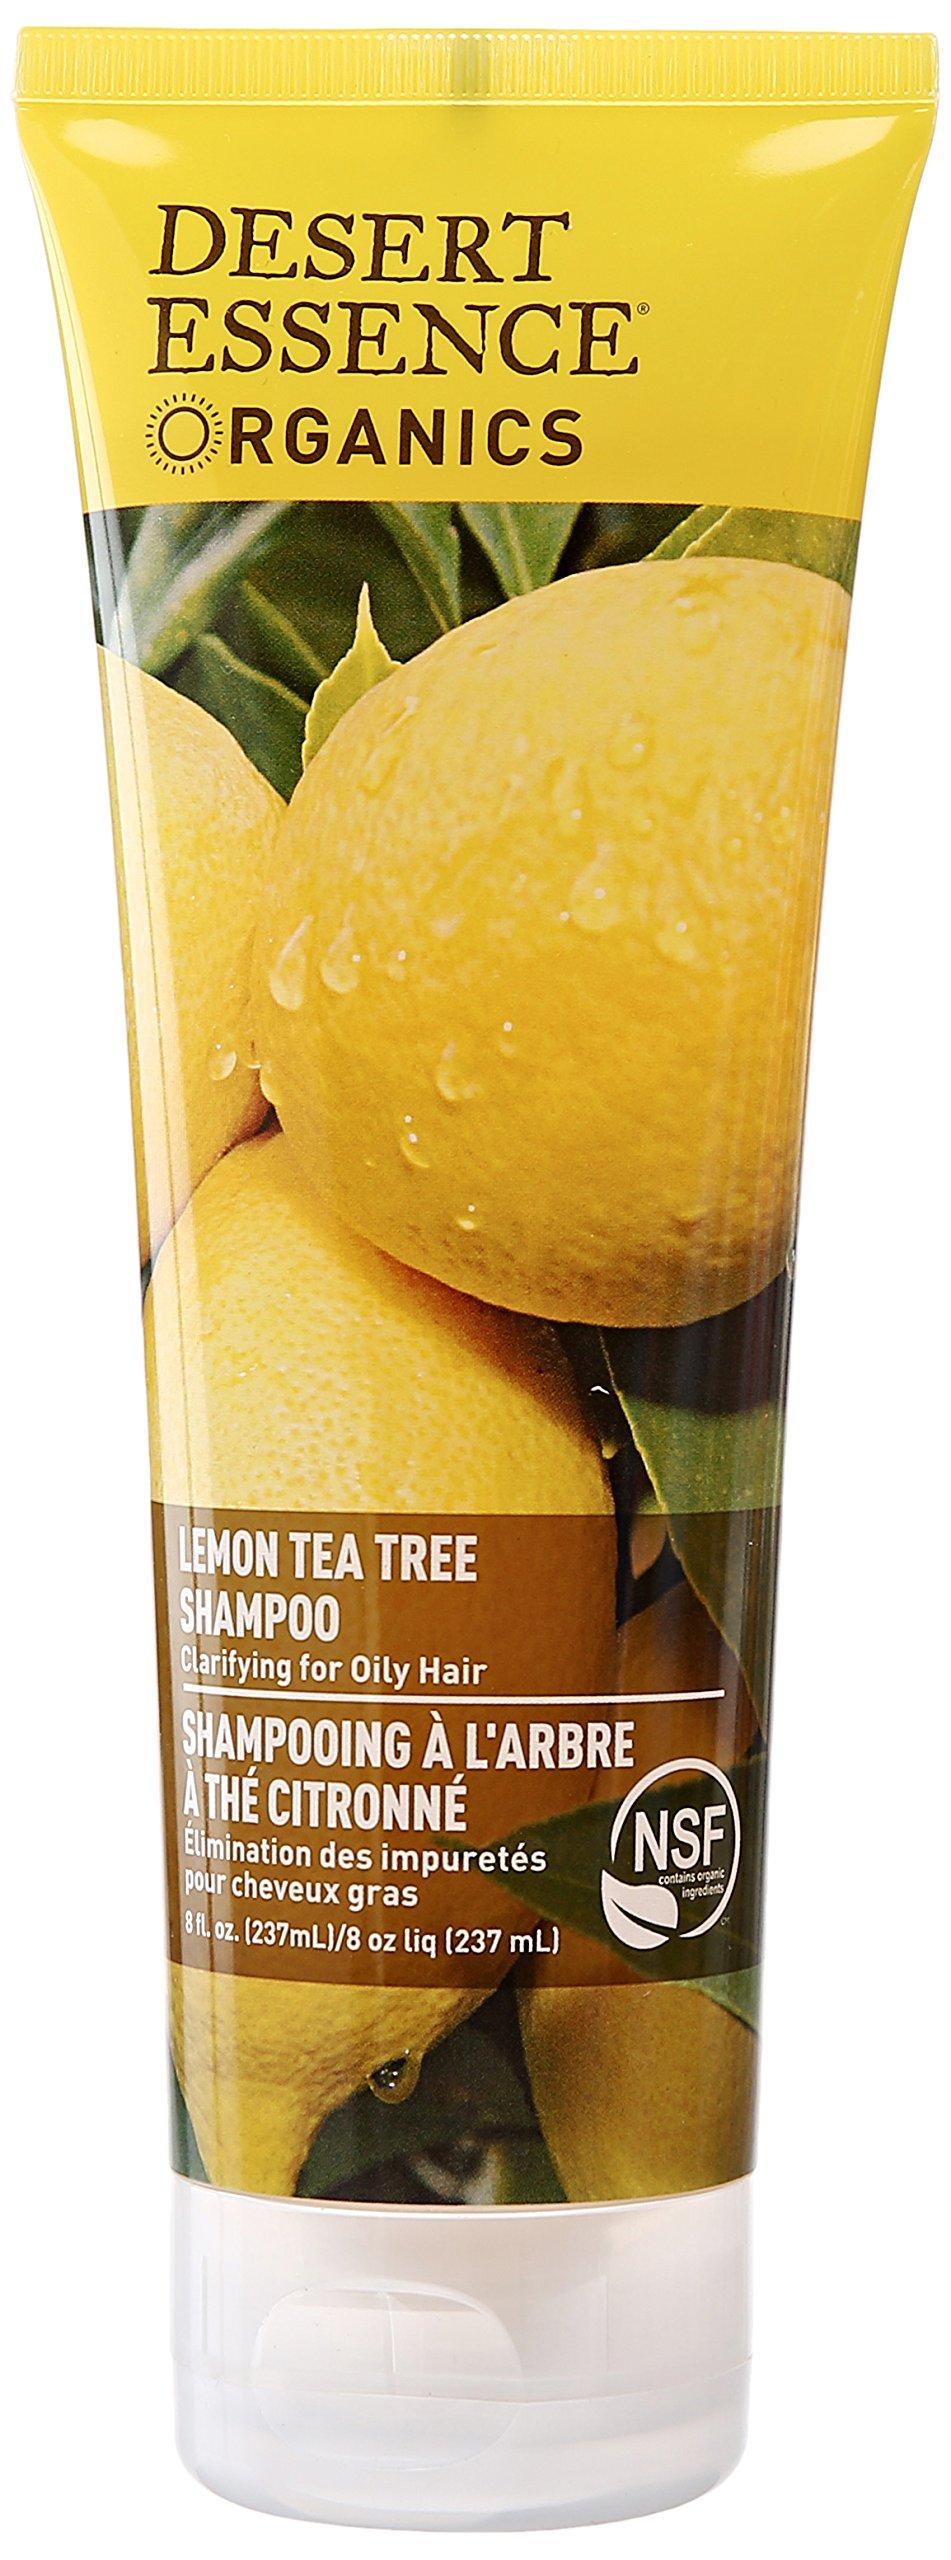 Desert Essence Organics Hair Care Shampoo, for Oily Hair, Lemon Tea Tree, 8 Ounce